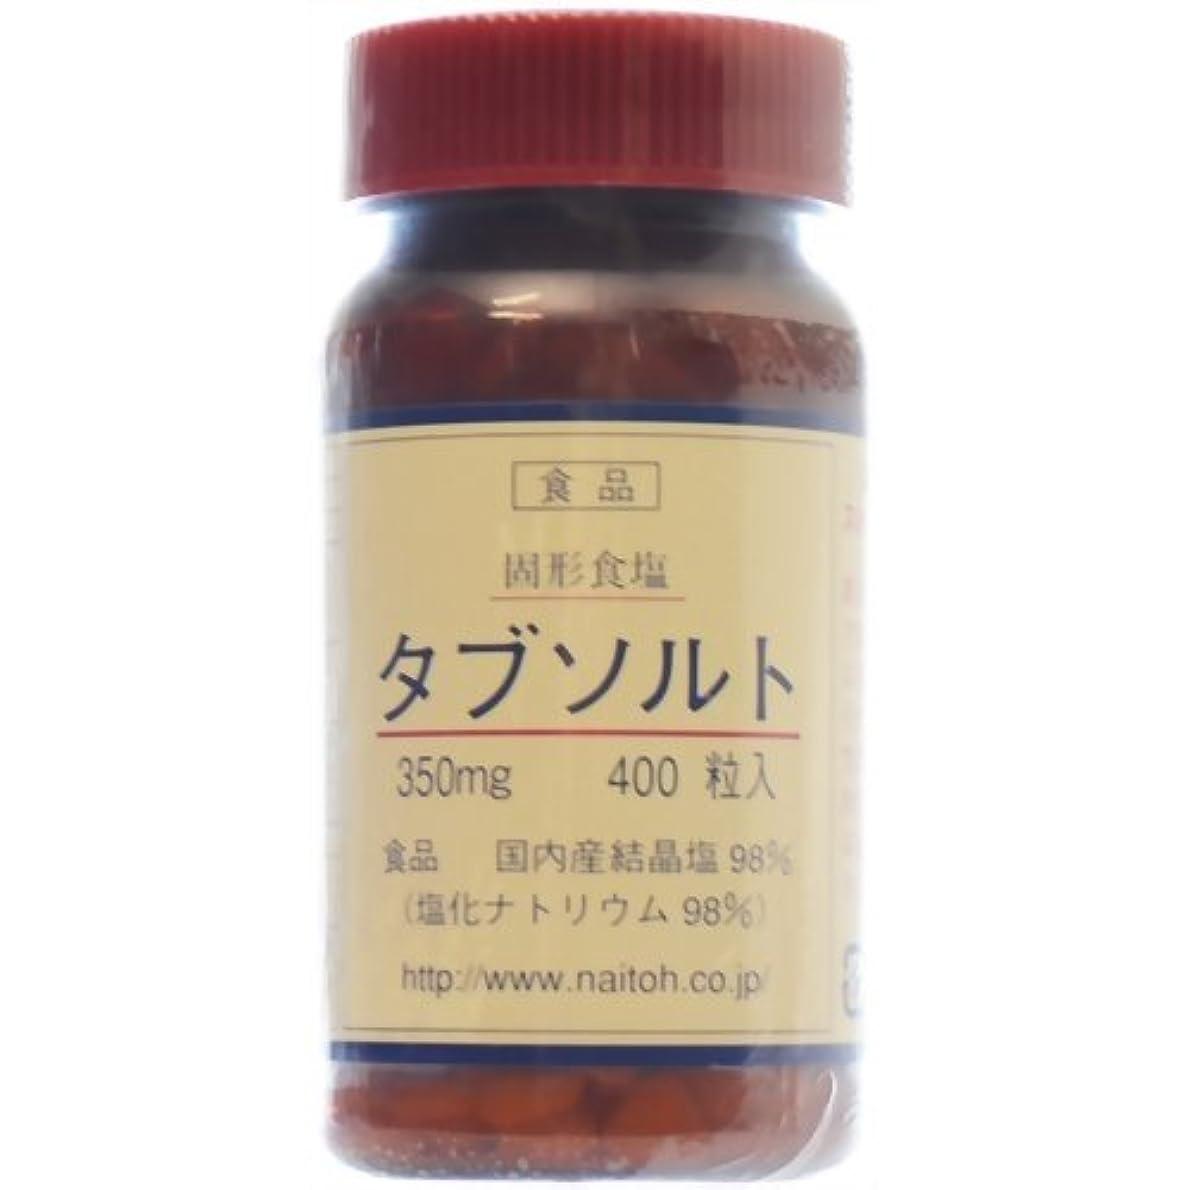 悪意反逆者ふつう内藤商店 固形食塩 タブソルト 400粒